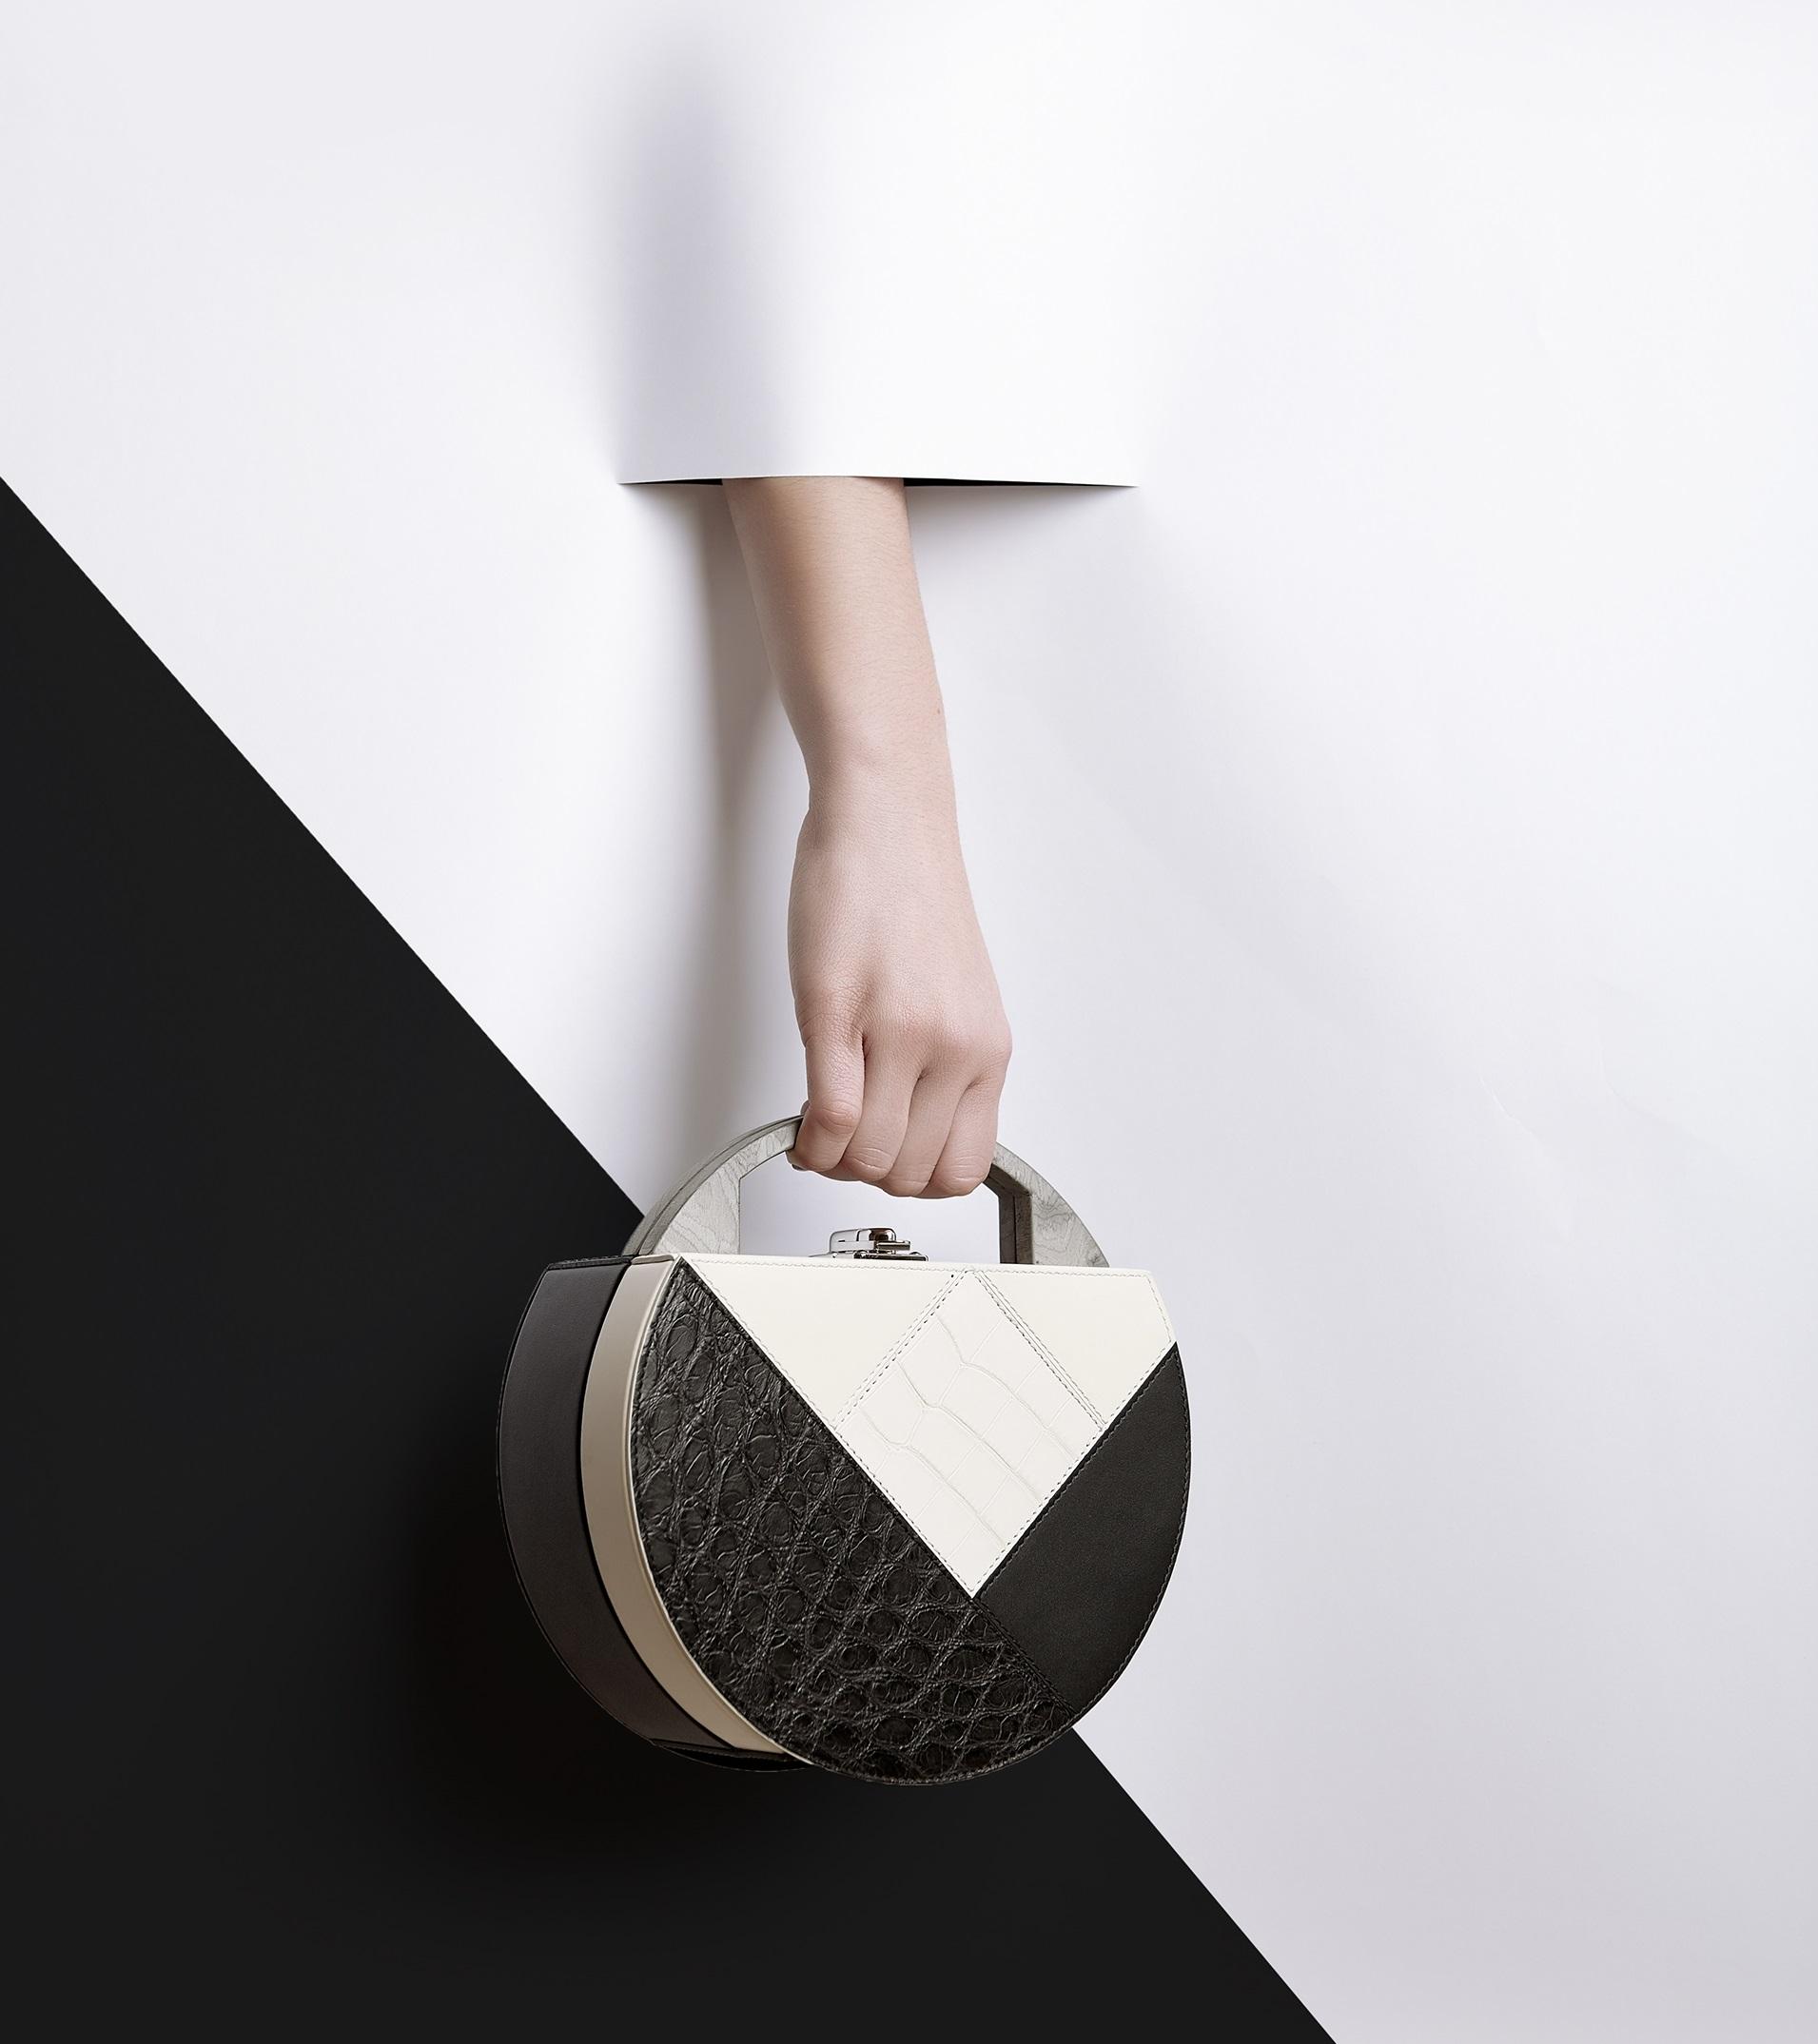 Инфографика: что носит в своей сумочке английская королева